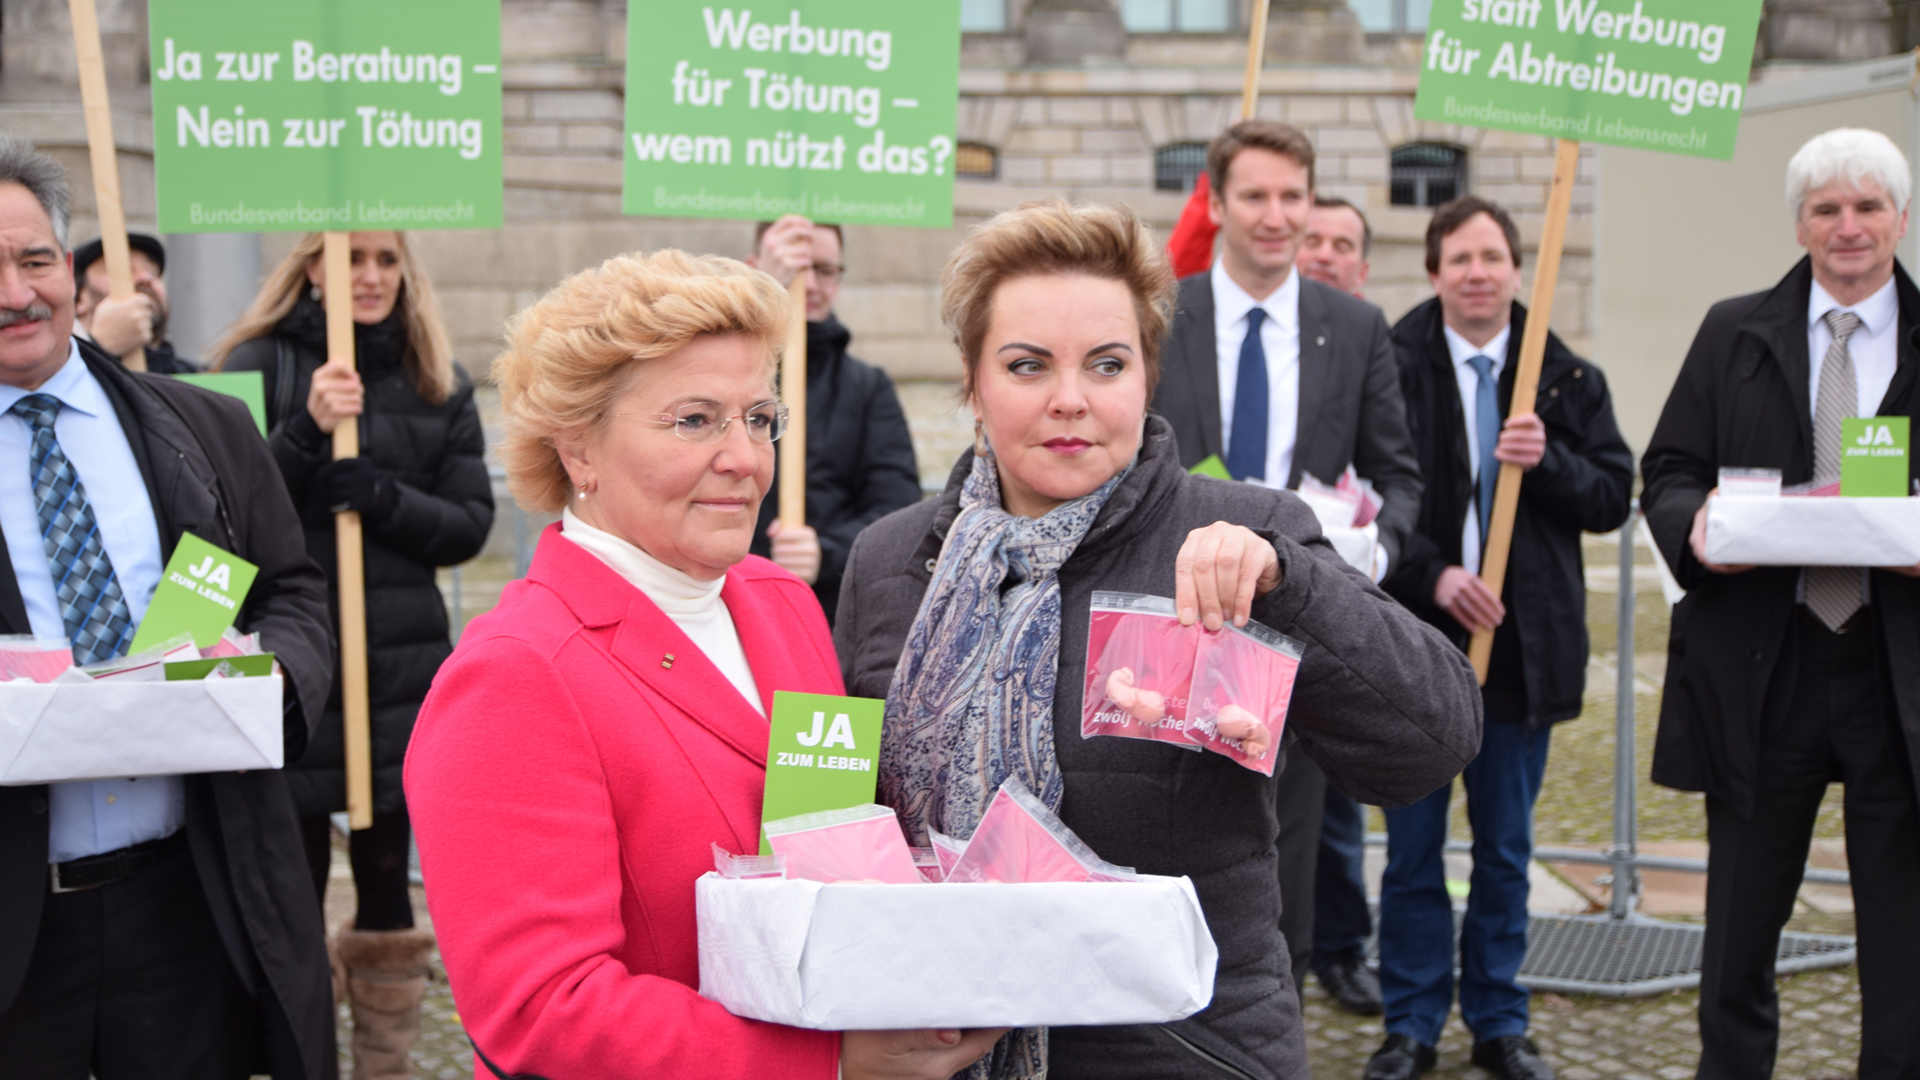 Die CDU-Abgeordnete Sylvia Pantel (l.) unterstützt den Bundesverband Lebensrecht bei seinem Protest gegen die Petition